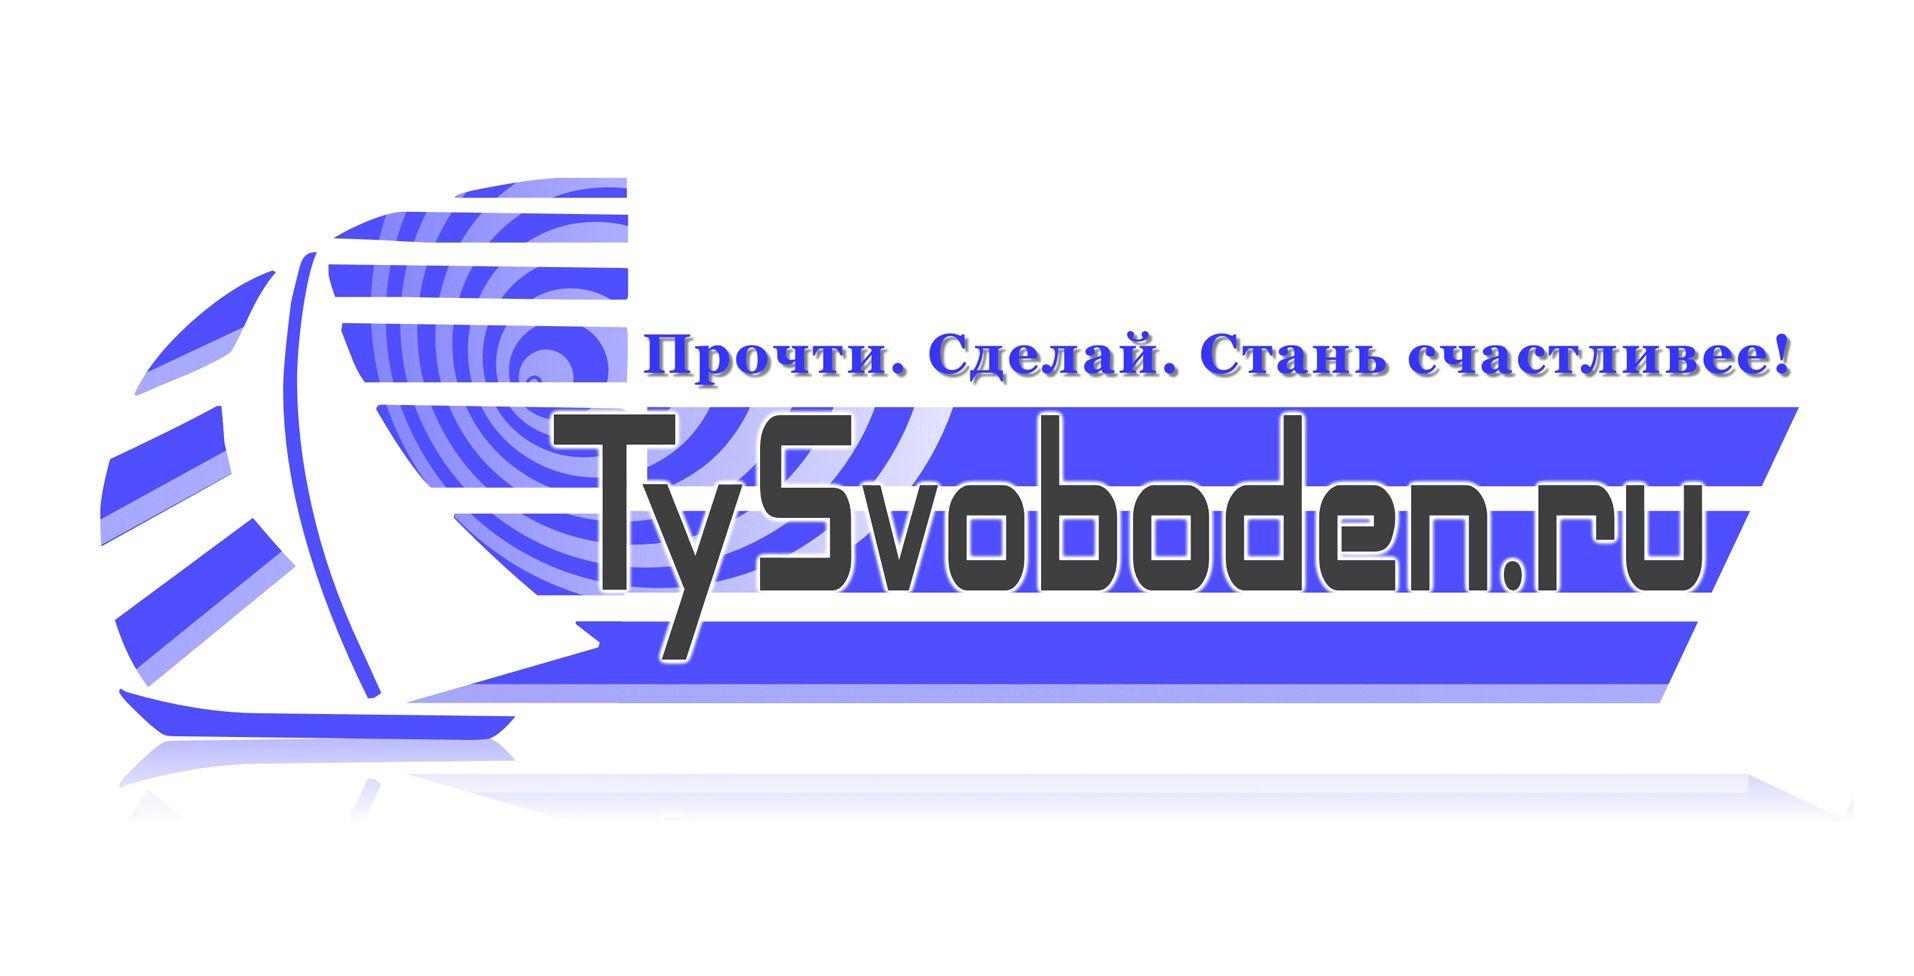 Разработка логотипа для социального проекта - дизайнер olga-bel